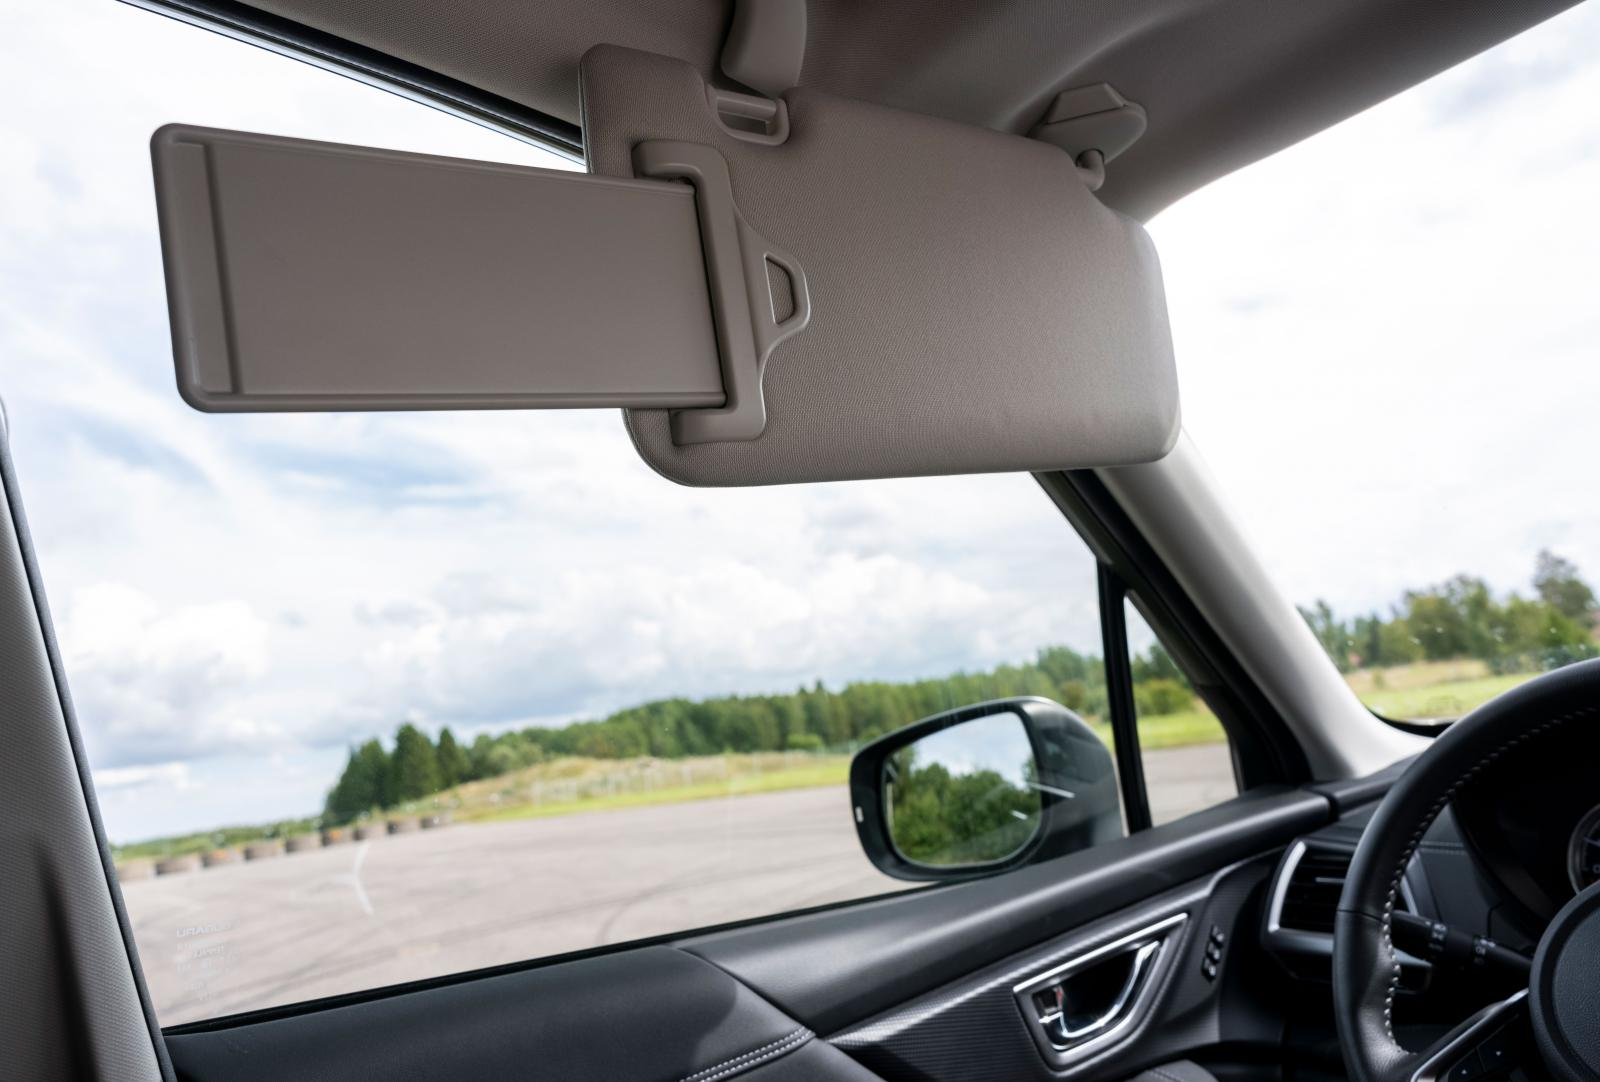 Stora konsoler i framkant av innertaket gör utvikbara solskydd korta och närmast meningslösa i många bilar. Subarus utdragbara skydd är föredömliga …